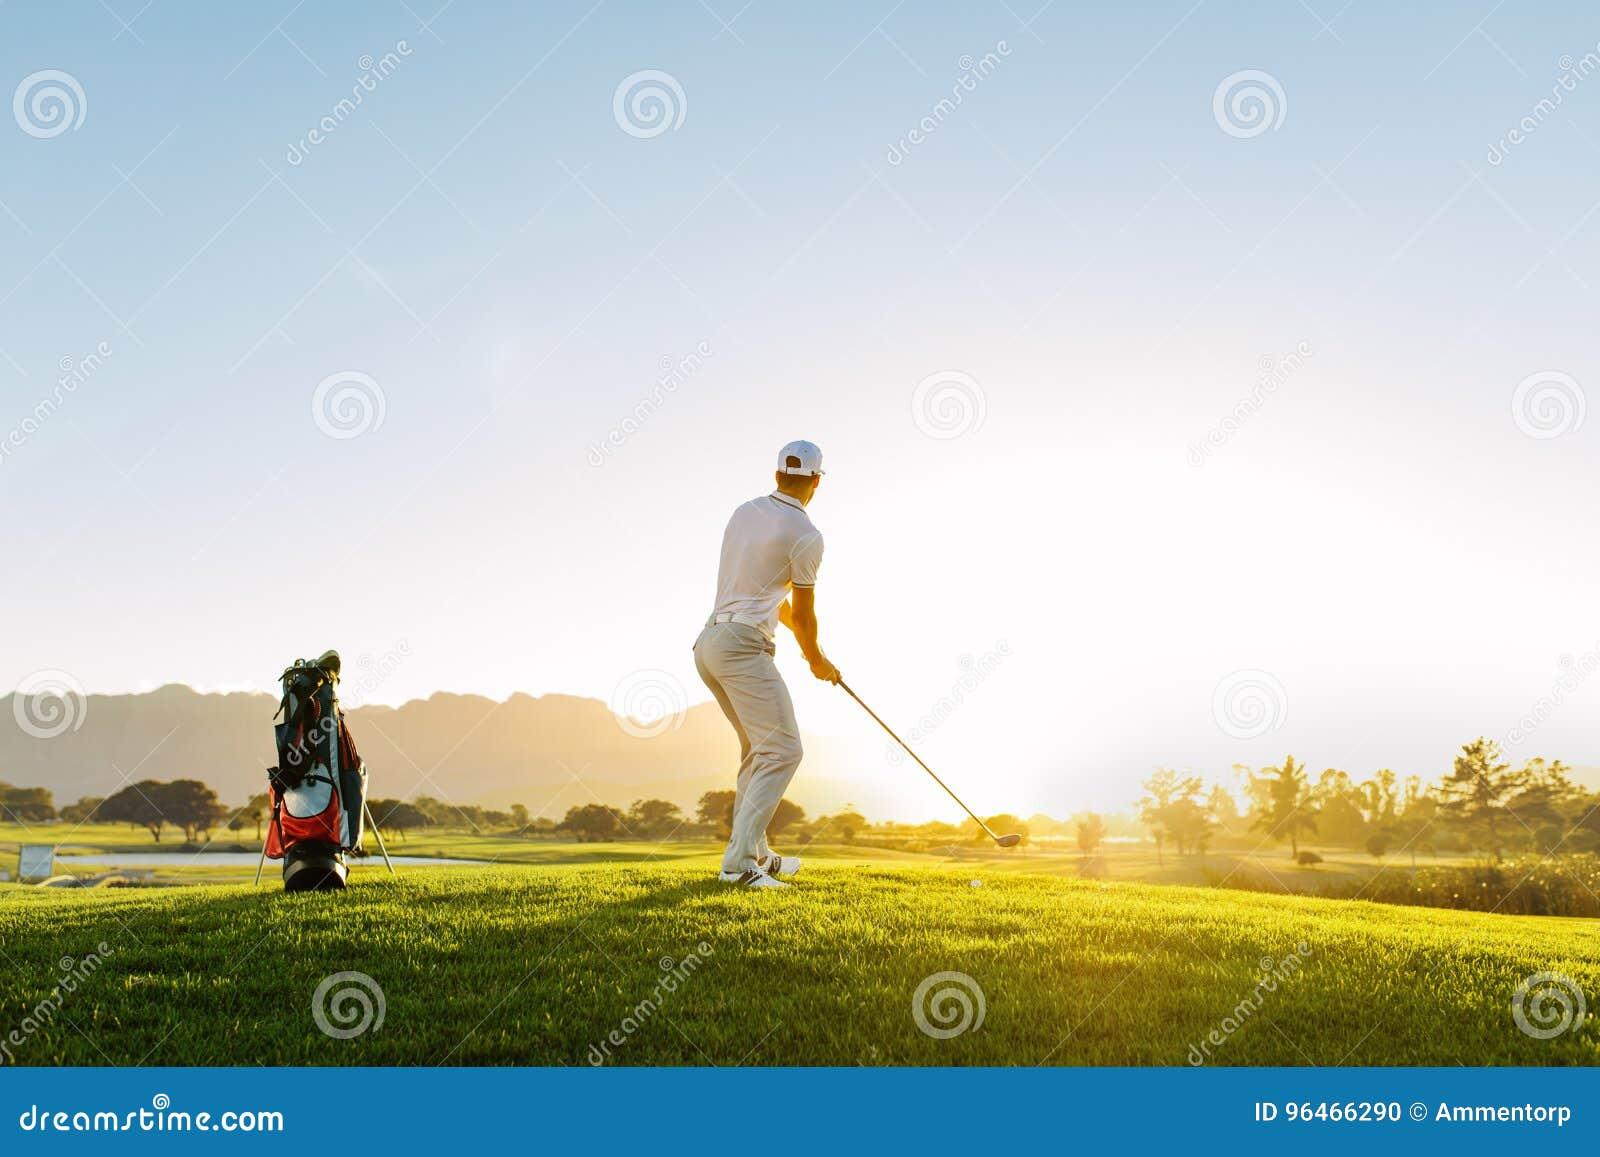 采取在高尔夫球场的专业男性高尔夫球运动员射击